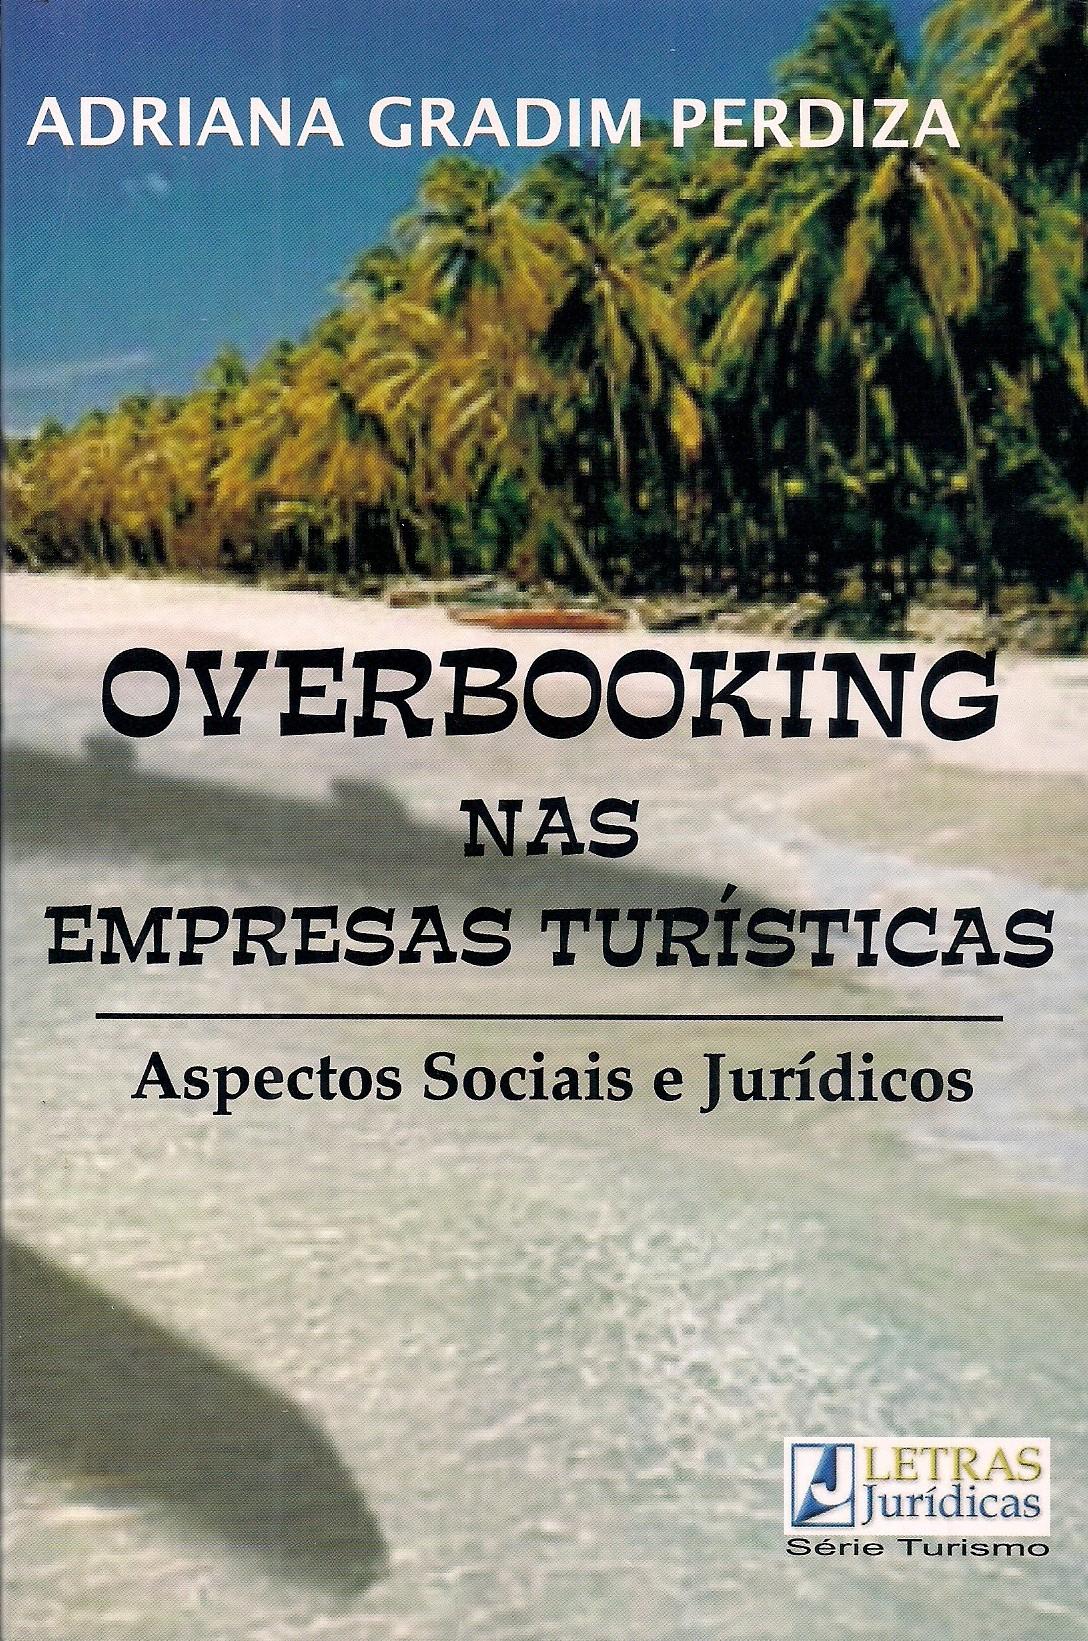 Foto 1 - Overbooking nas Empresas Turísticas